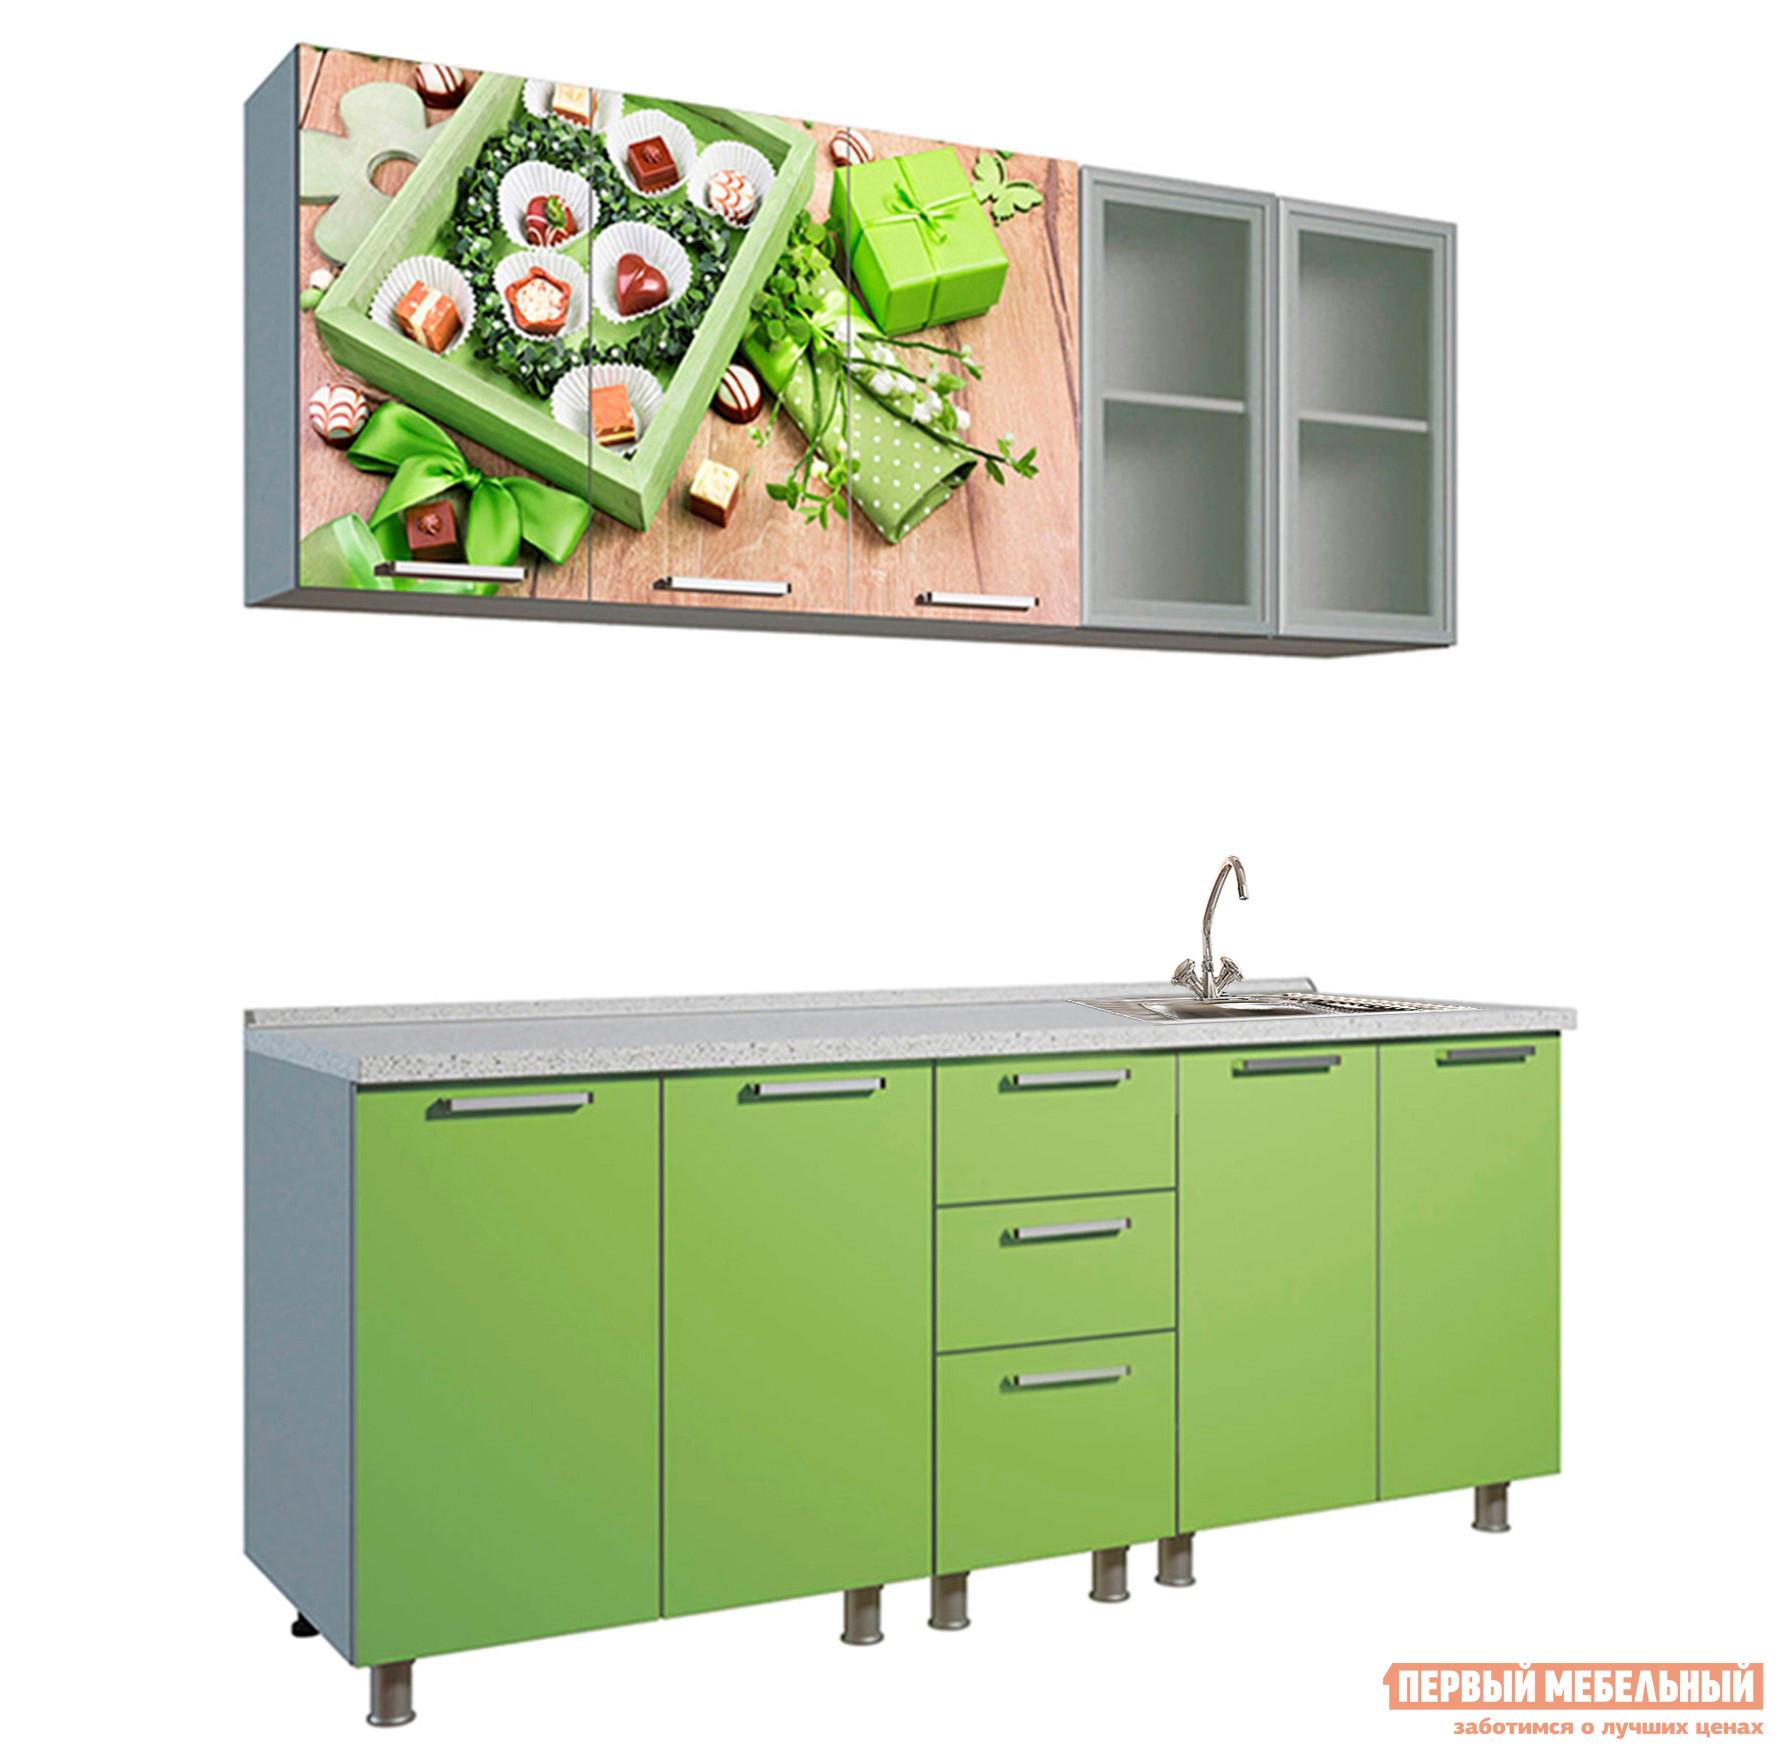 Кухонный гарнитур Первый Мебельный Пралине 200 см кухонный гарнитур трия оливия 180 см